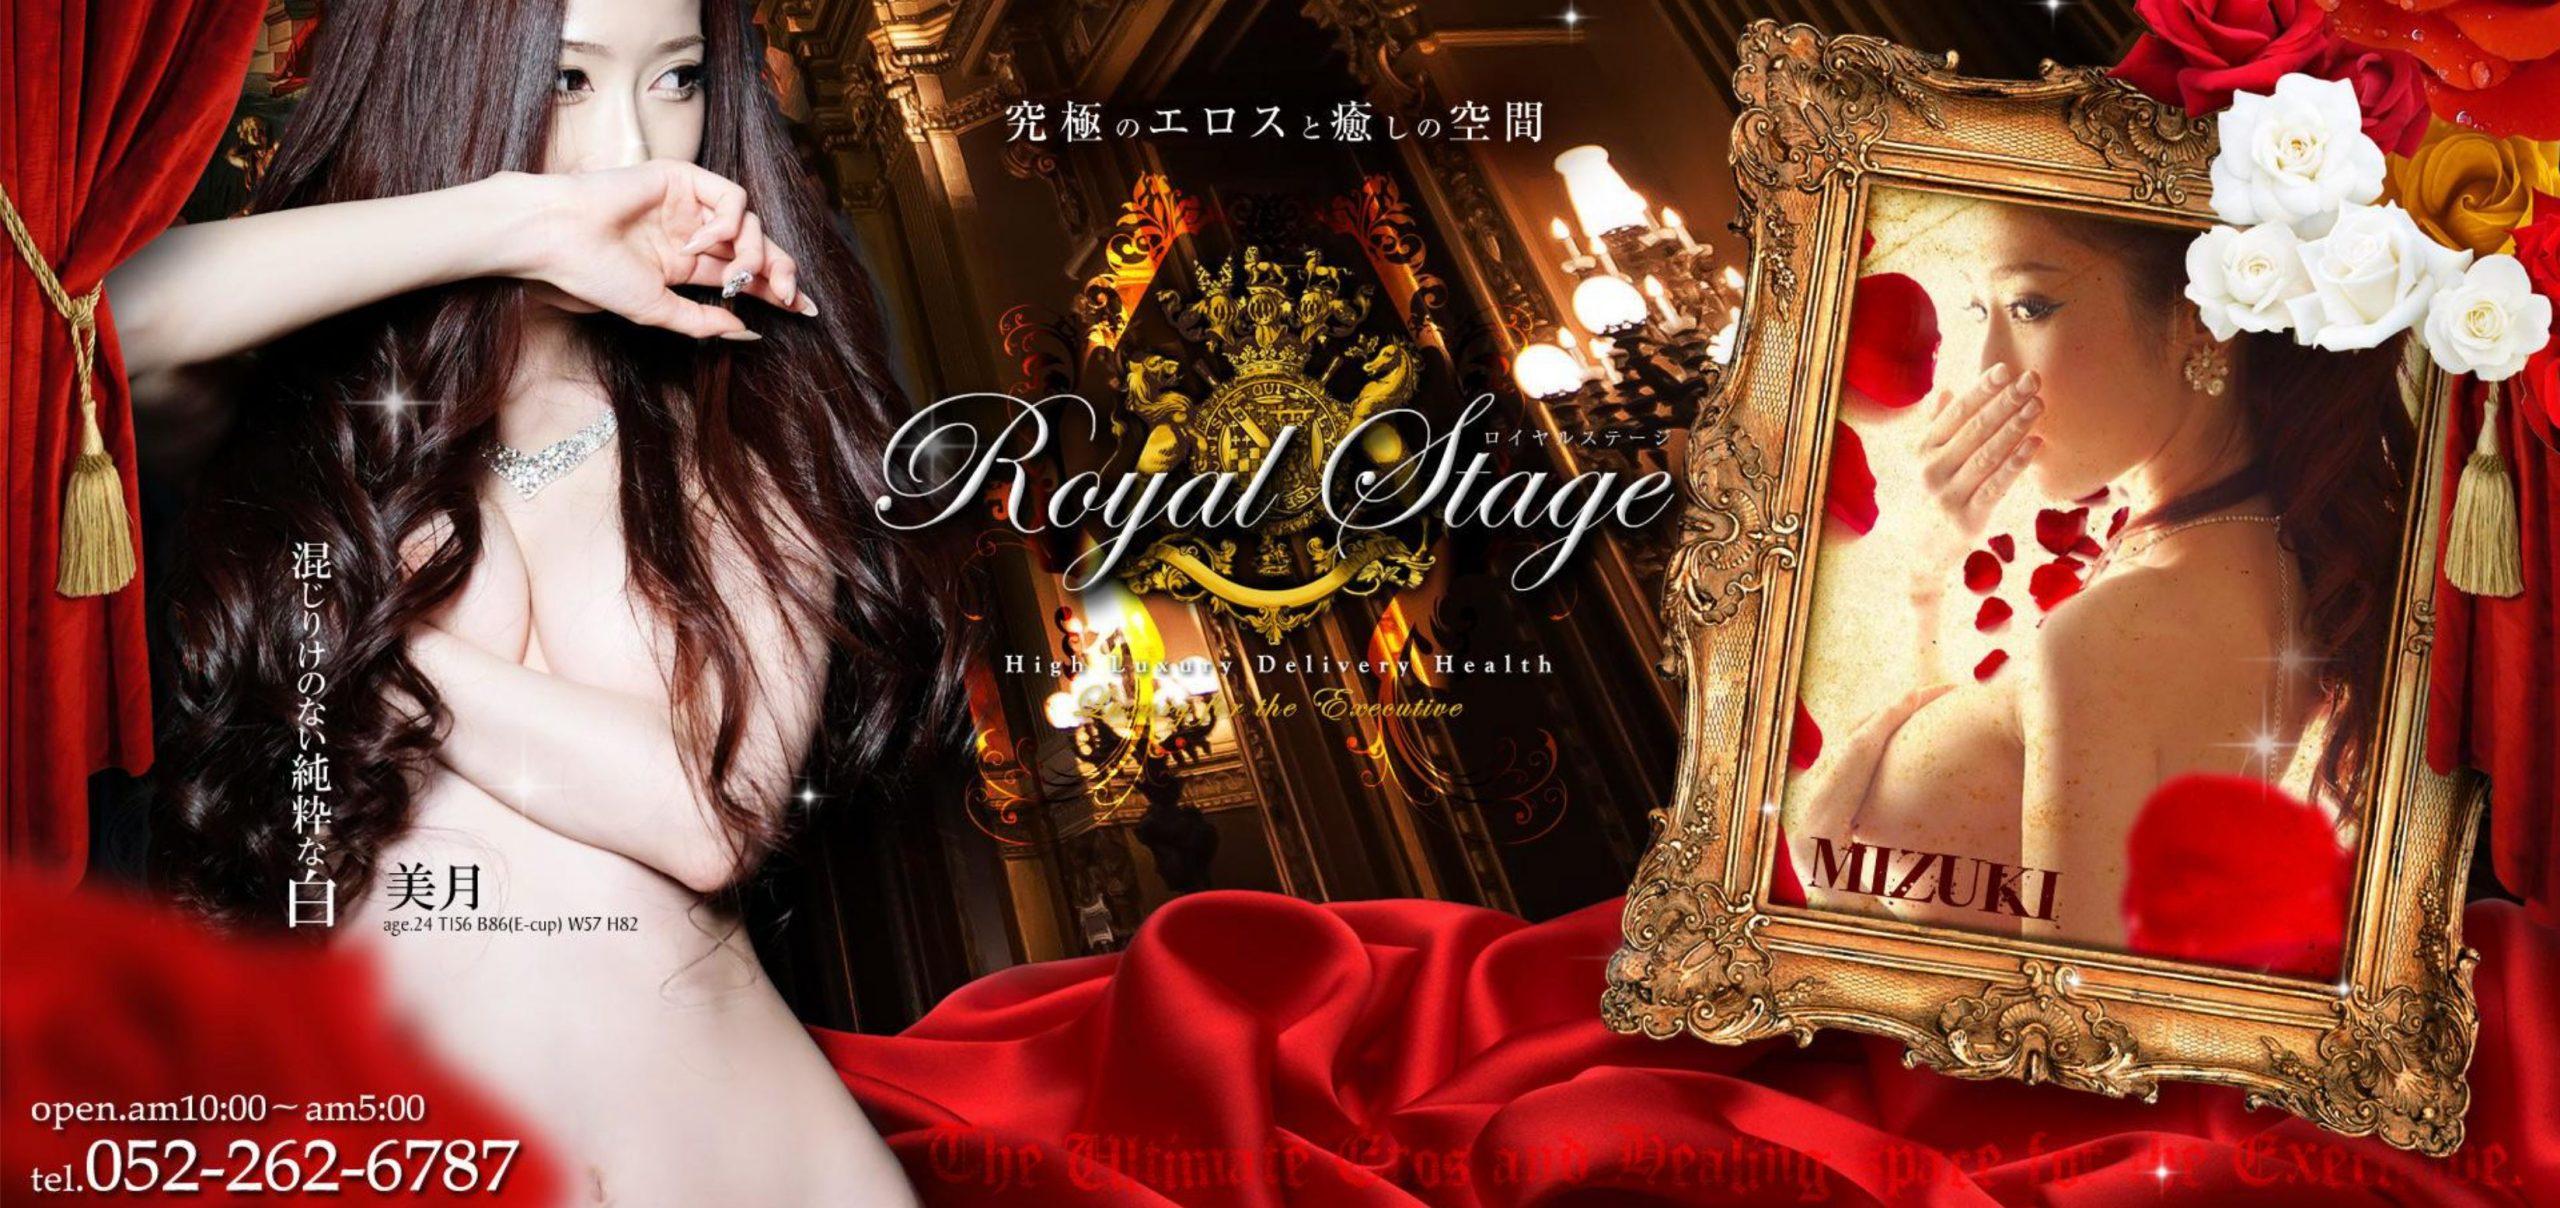 名古屋 アナル舐めが体験できる風俗店 Royal Stage(ロイヤルステージ)